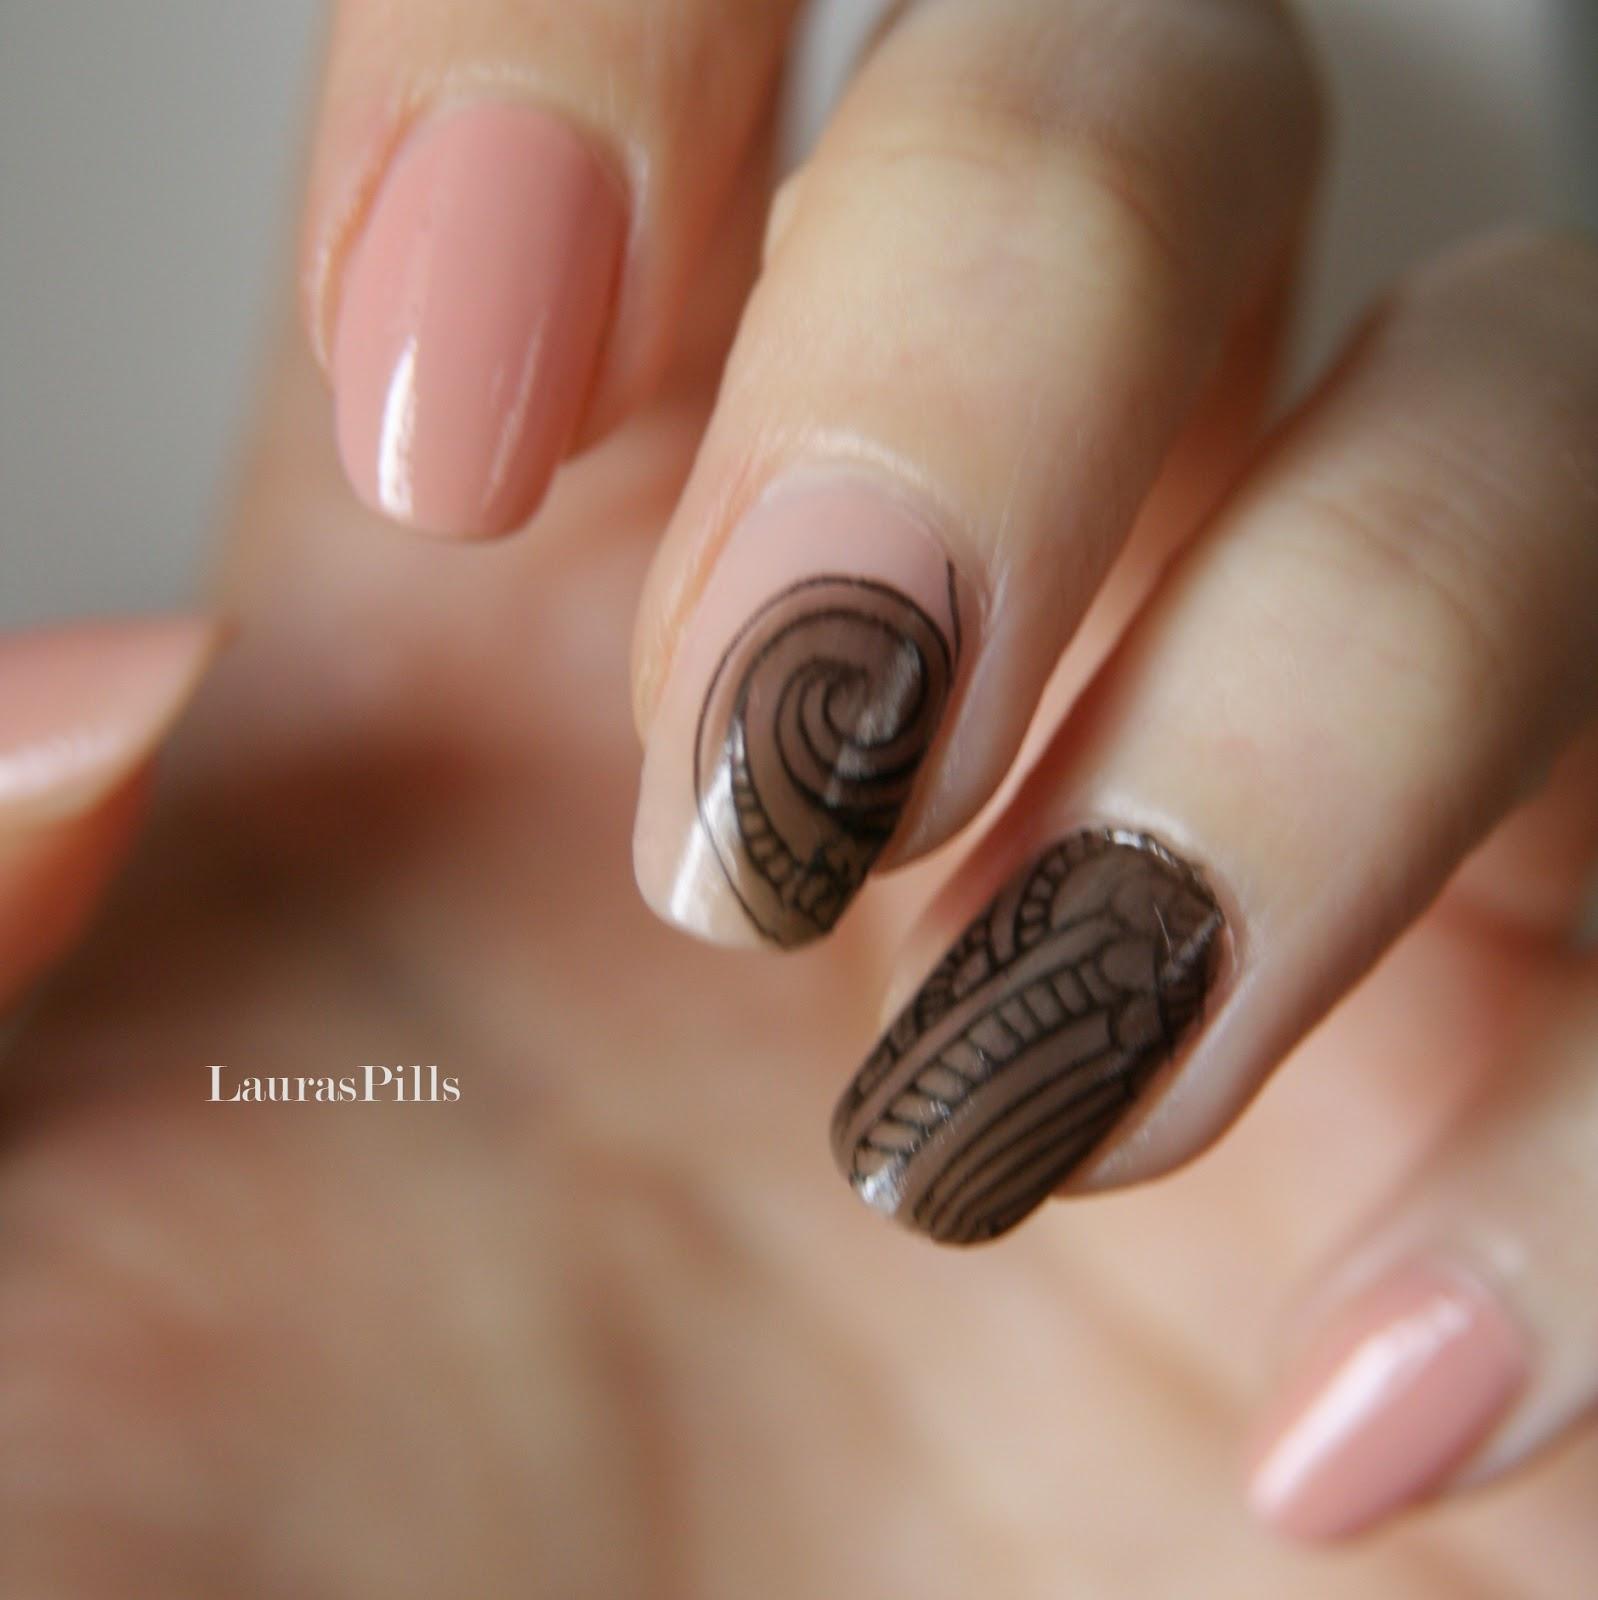 Laura\'s Pills: Sheer lace nail art